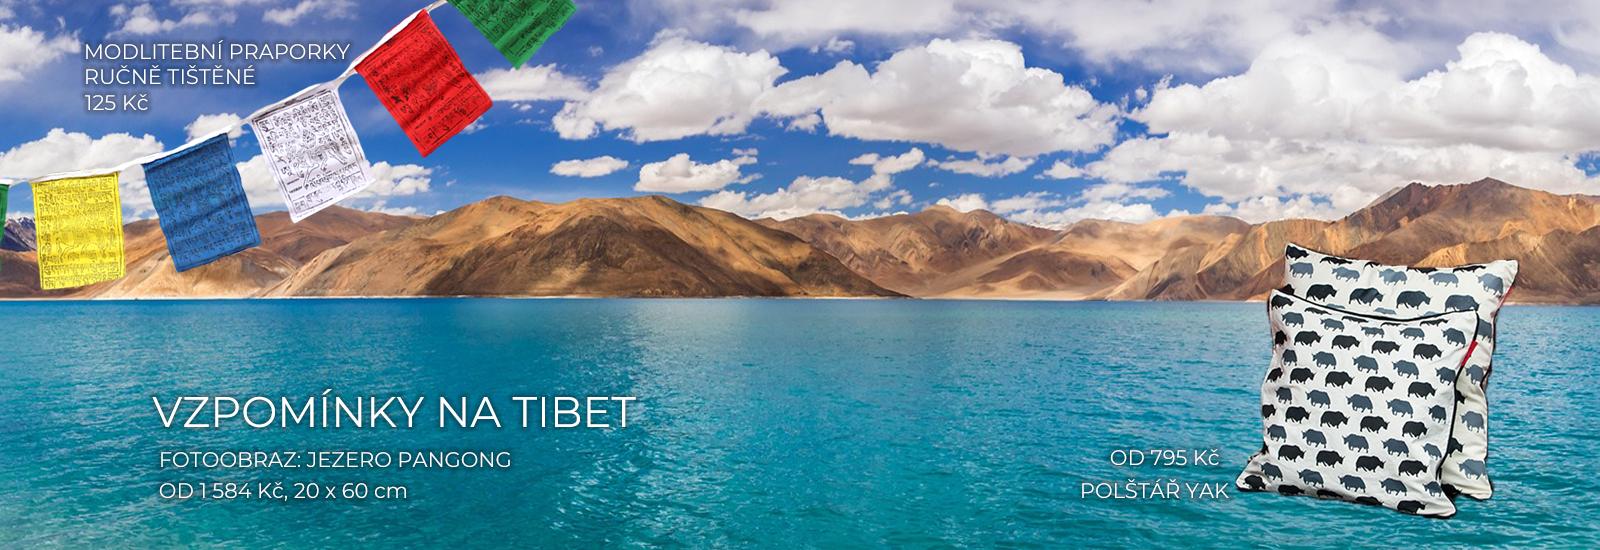 Vzpomínky na Tibet